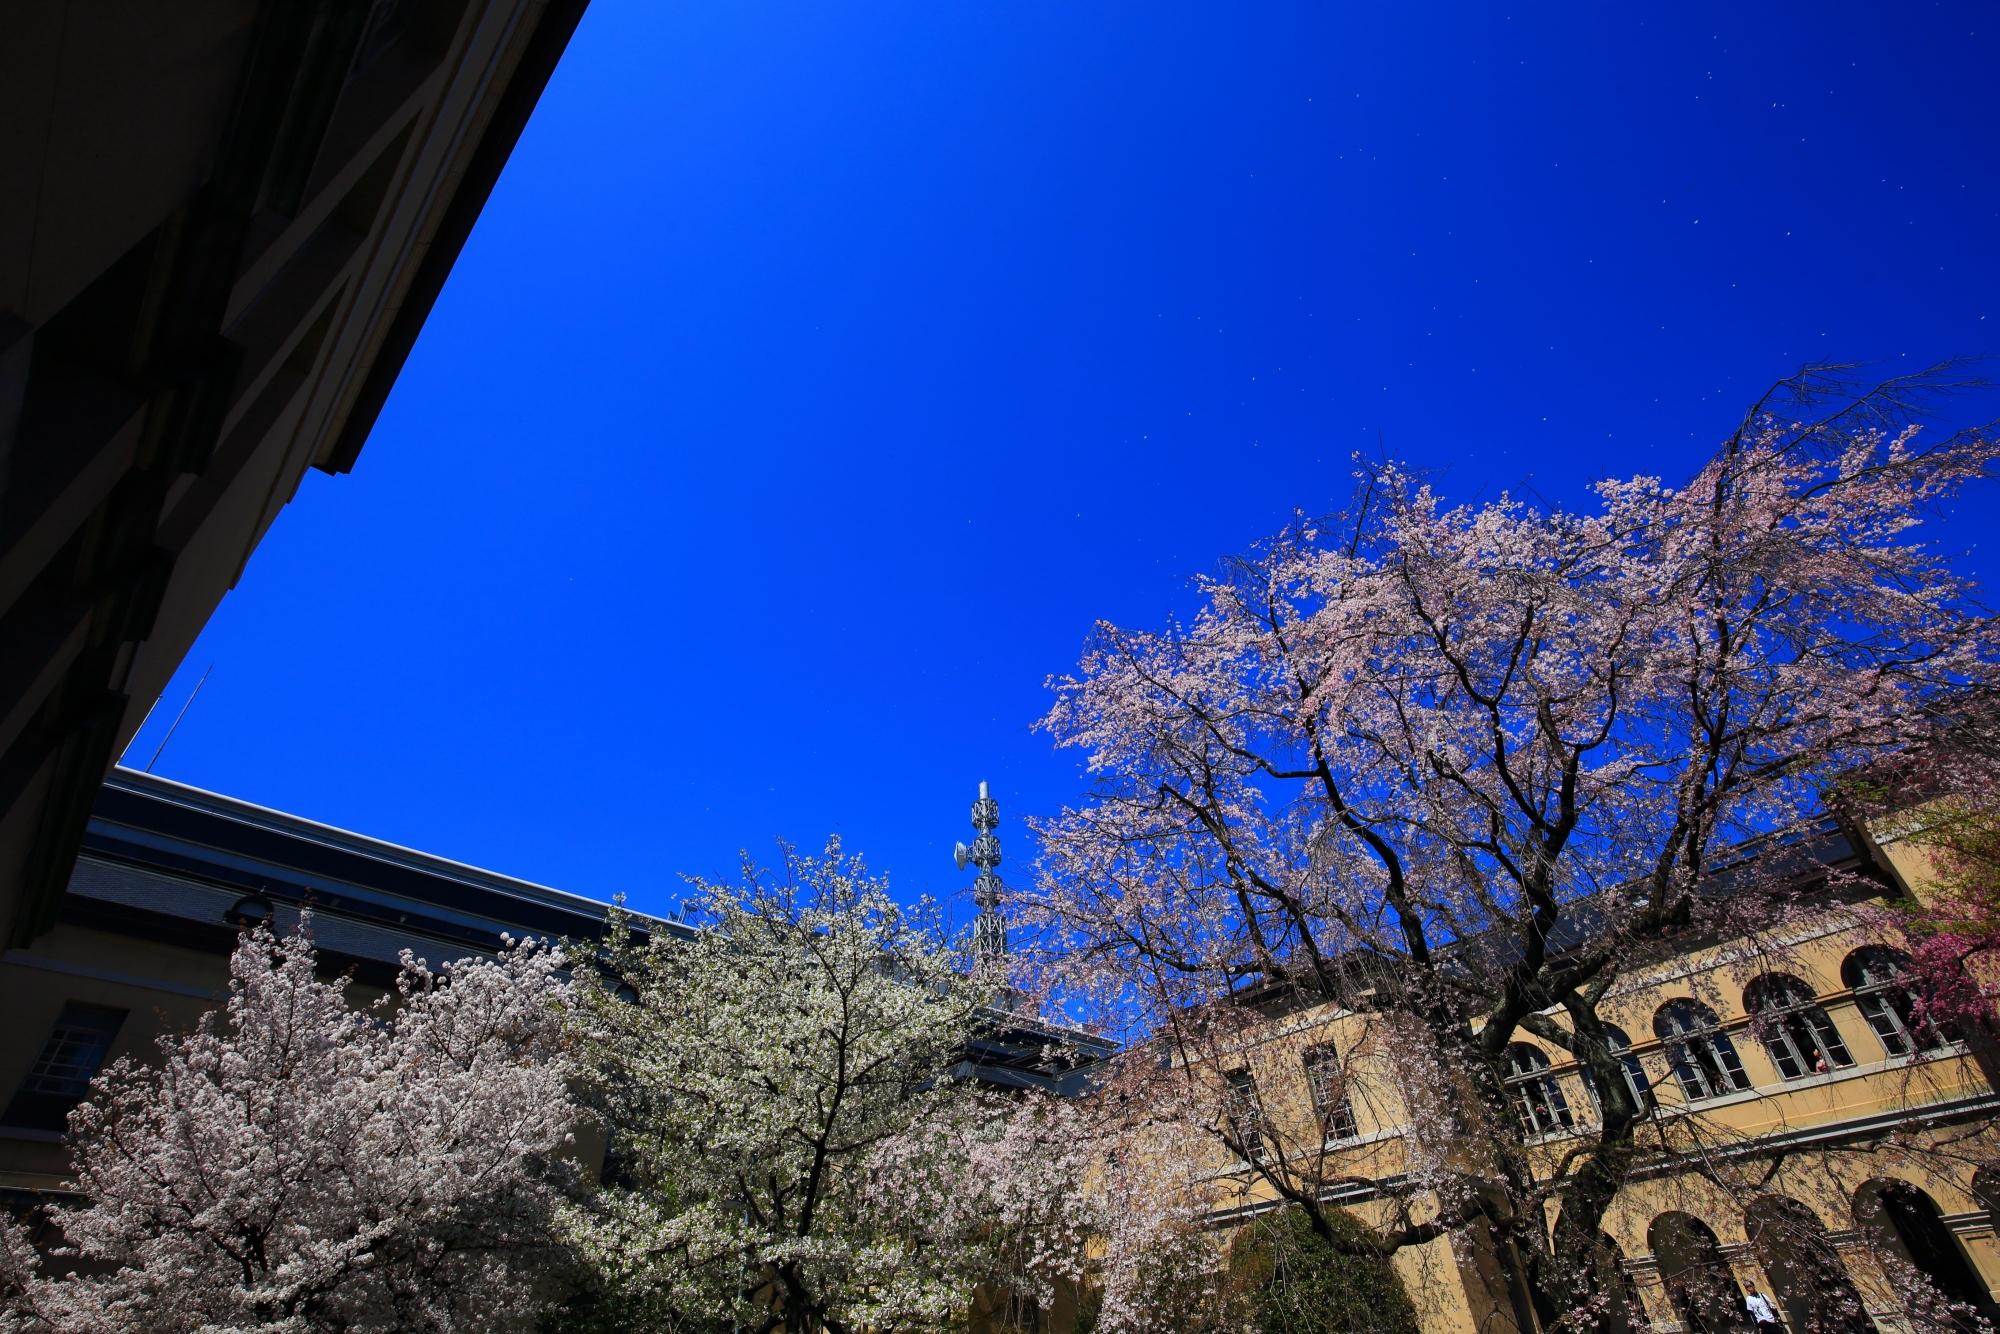 レトロな建物を背景にした色とりどりの桜